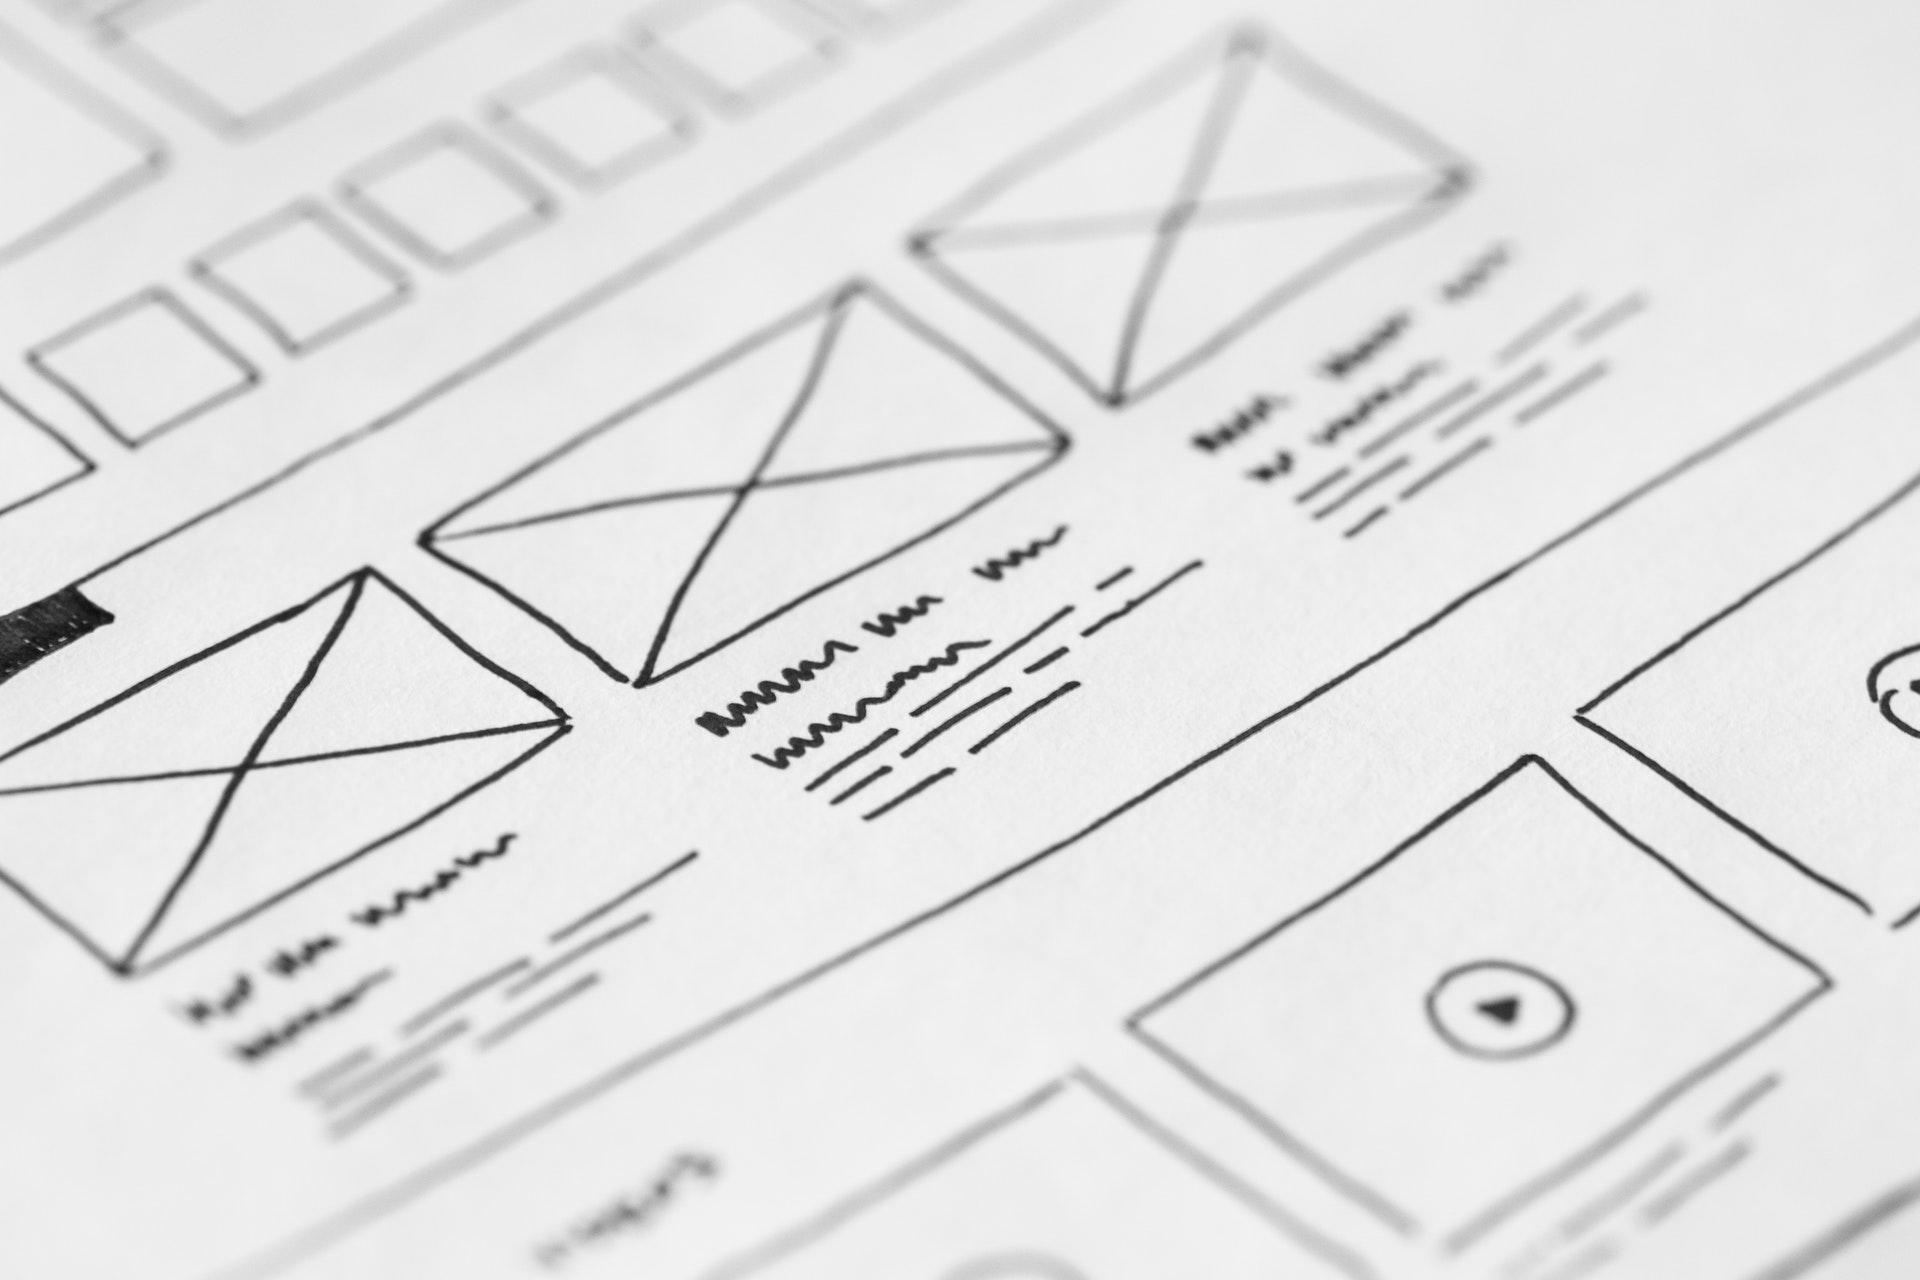 Diese 8 Webdesign Trends sind 2021 ein Muss um das Engagement auf Deiner Webseite zu erhöhen.